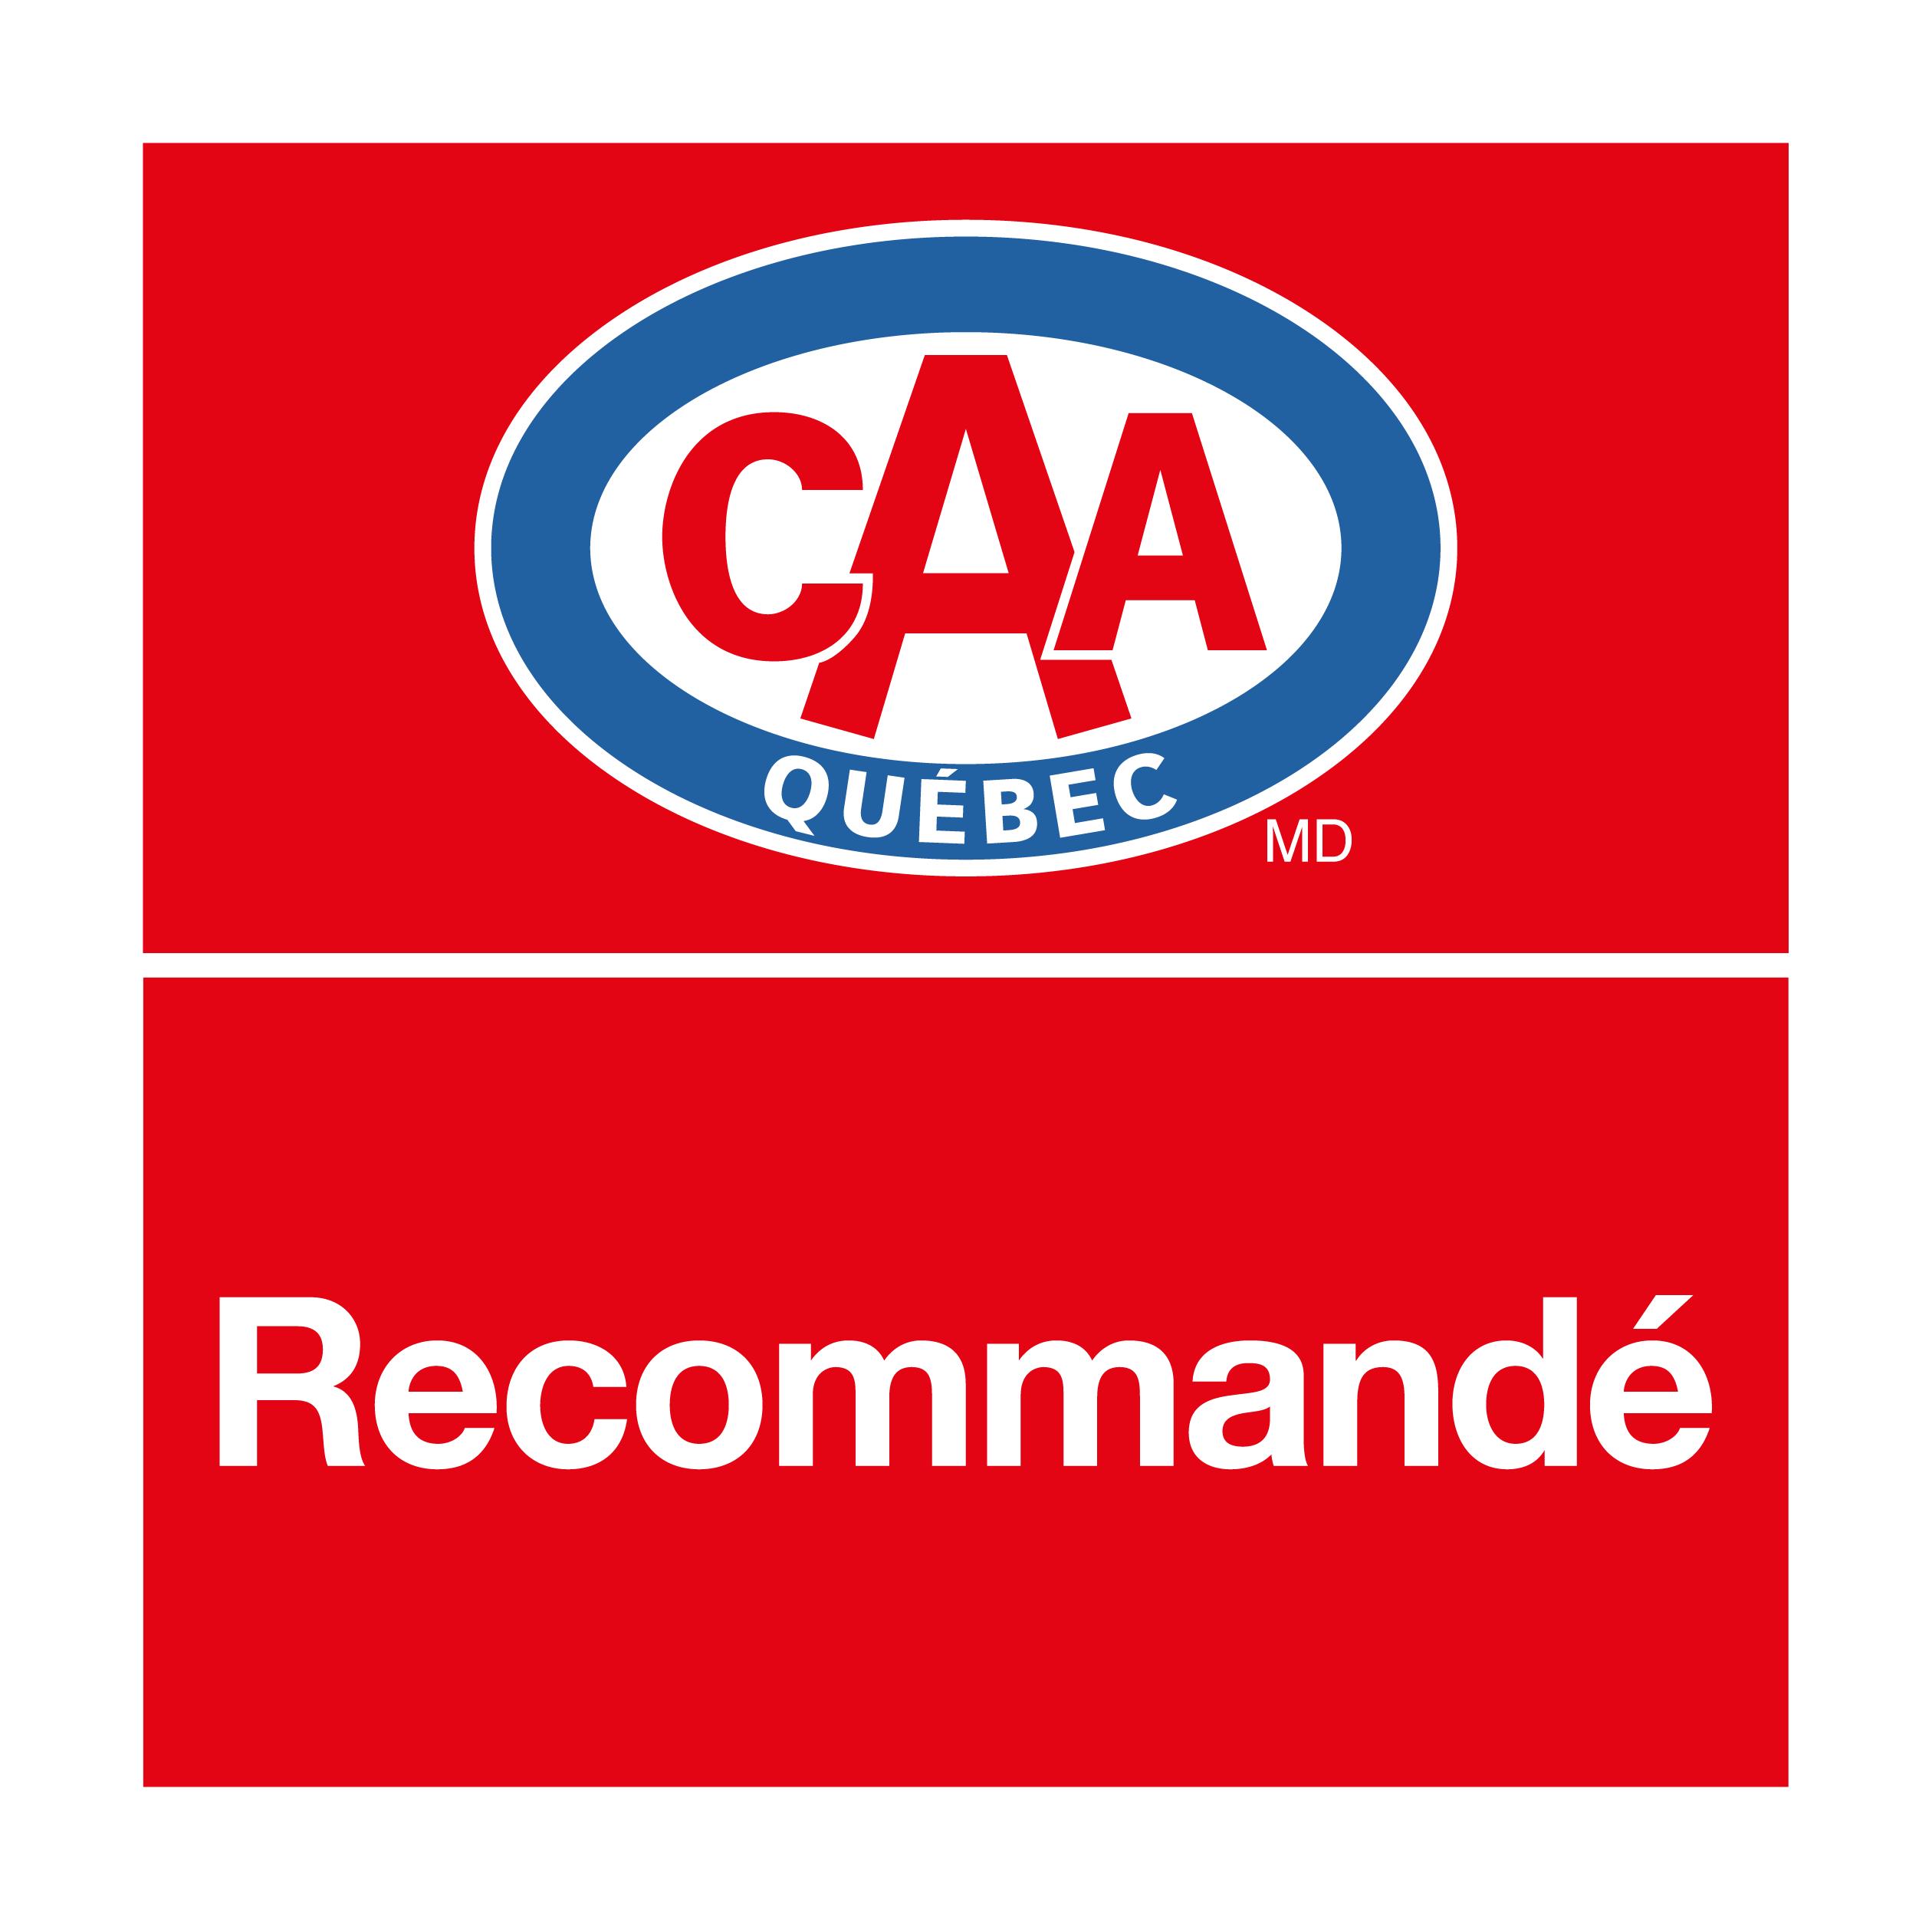 Caa-recommandé